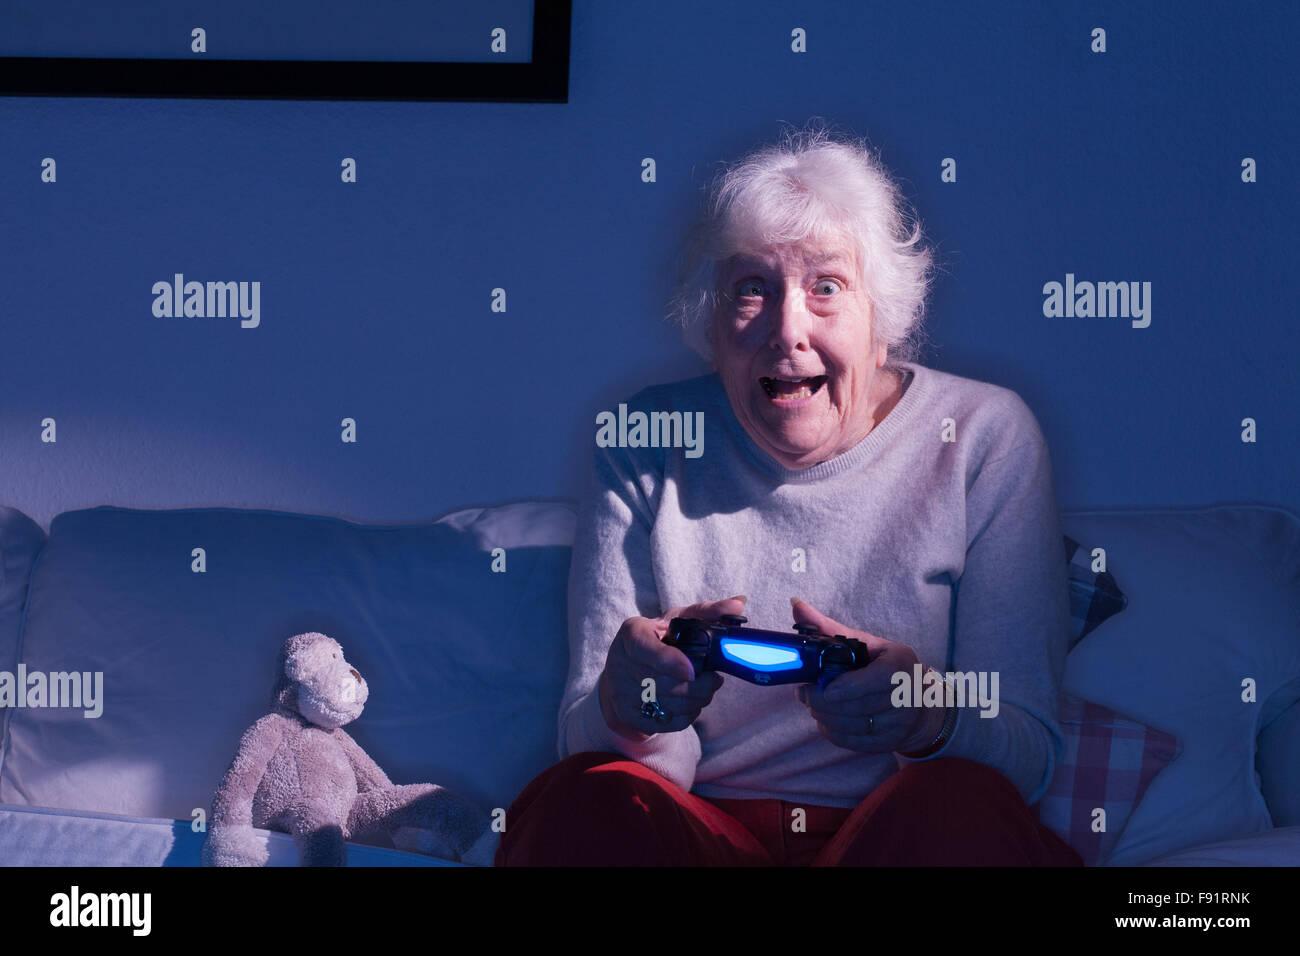 Anciana sentada en un sofá jugando en una Playstation 4 junto a un mono de peluche. Foto de stock